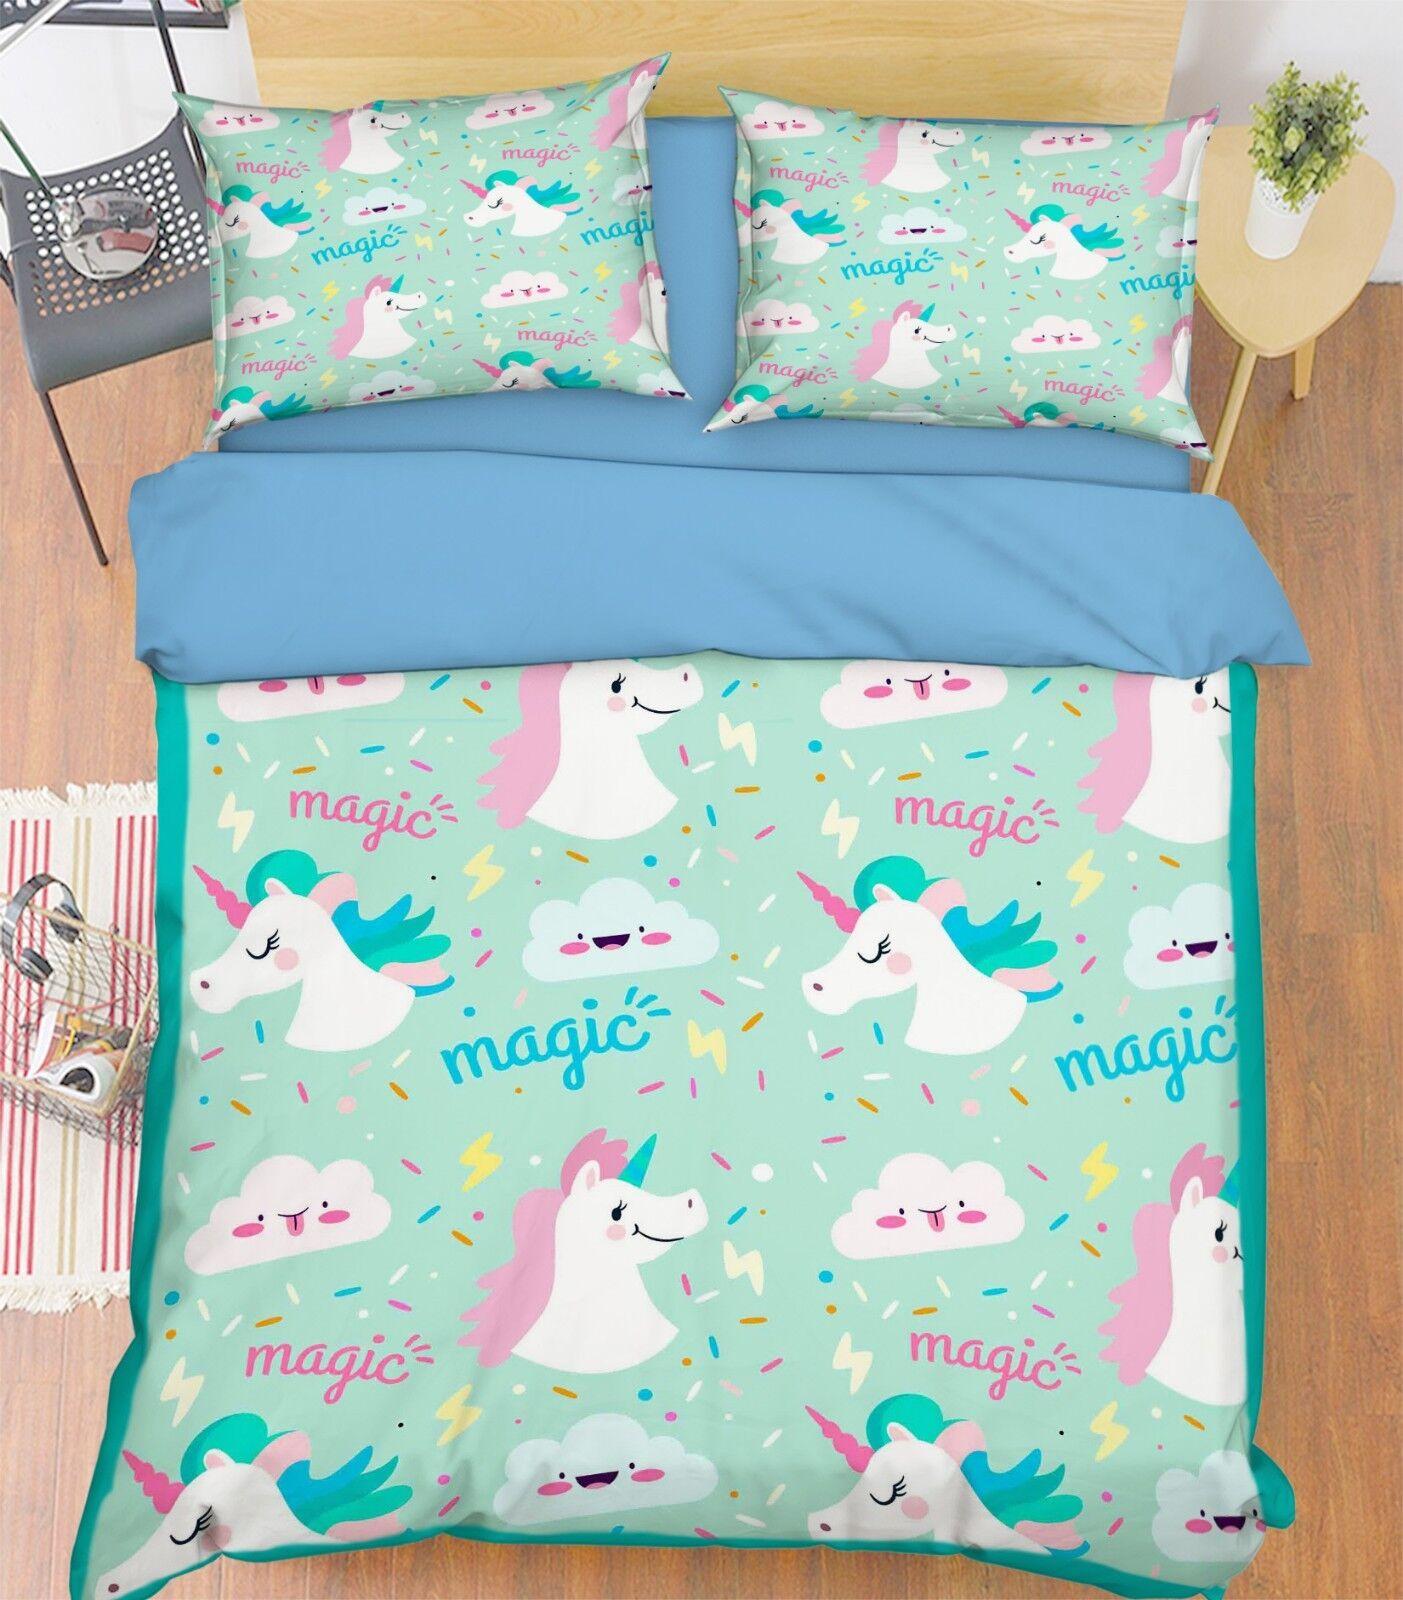 3D Magic Unicorn 675 Bed Pillowcases Quilt Duvet Cover Set Single King UK Summer